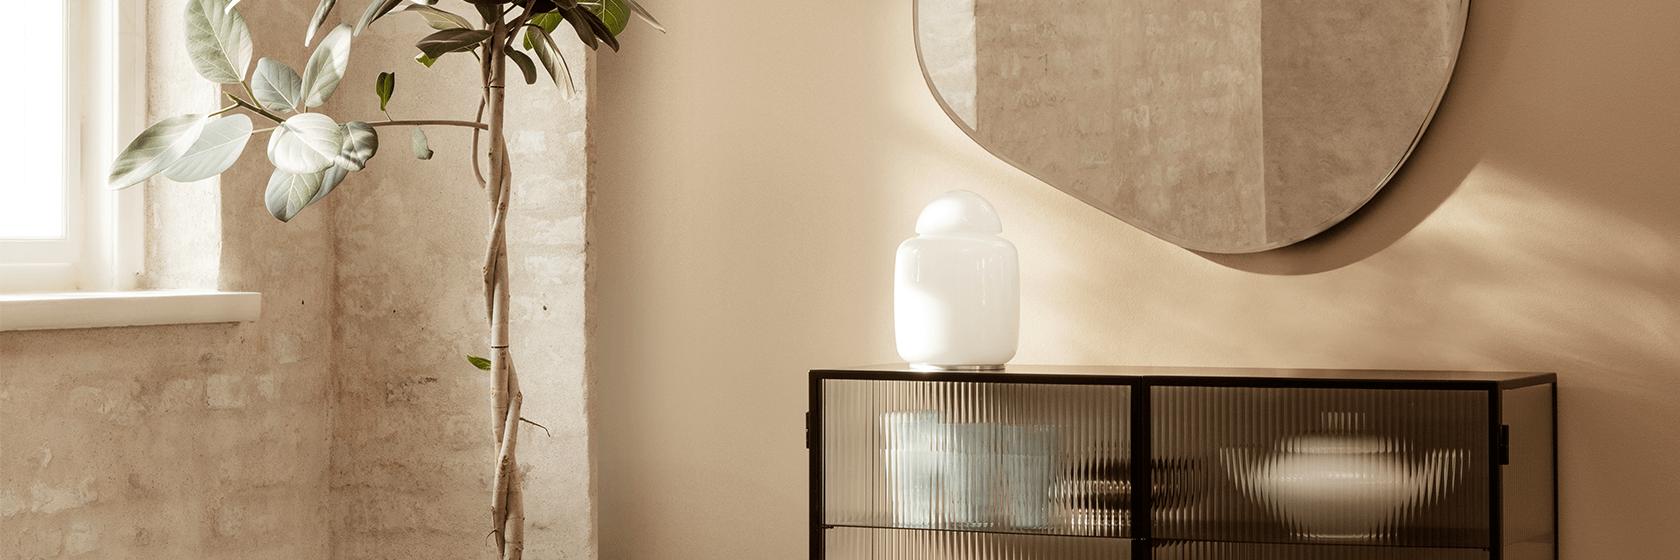 Ideas para decorar un recibidor con estilo   The Room Studio